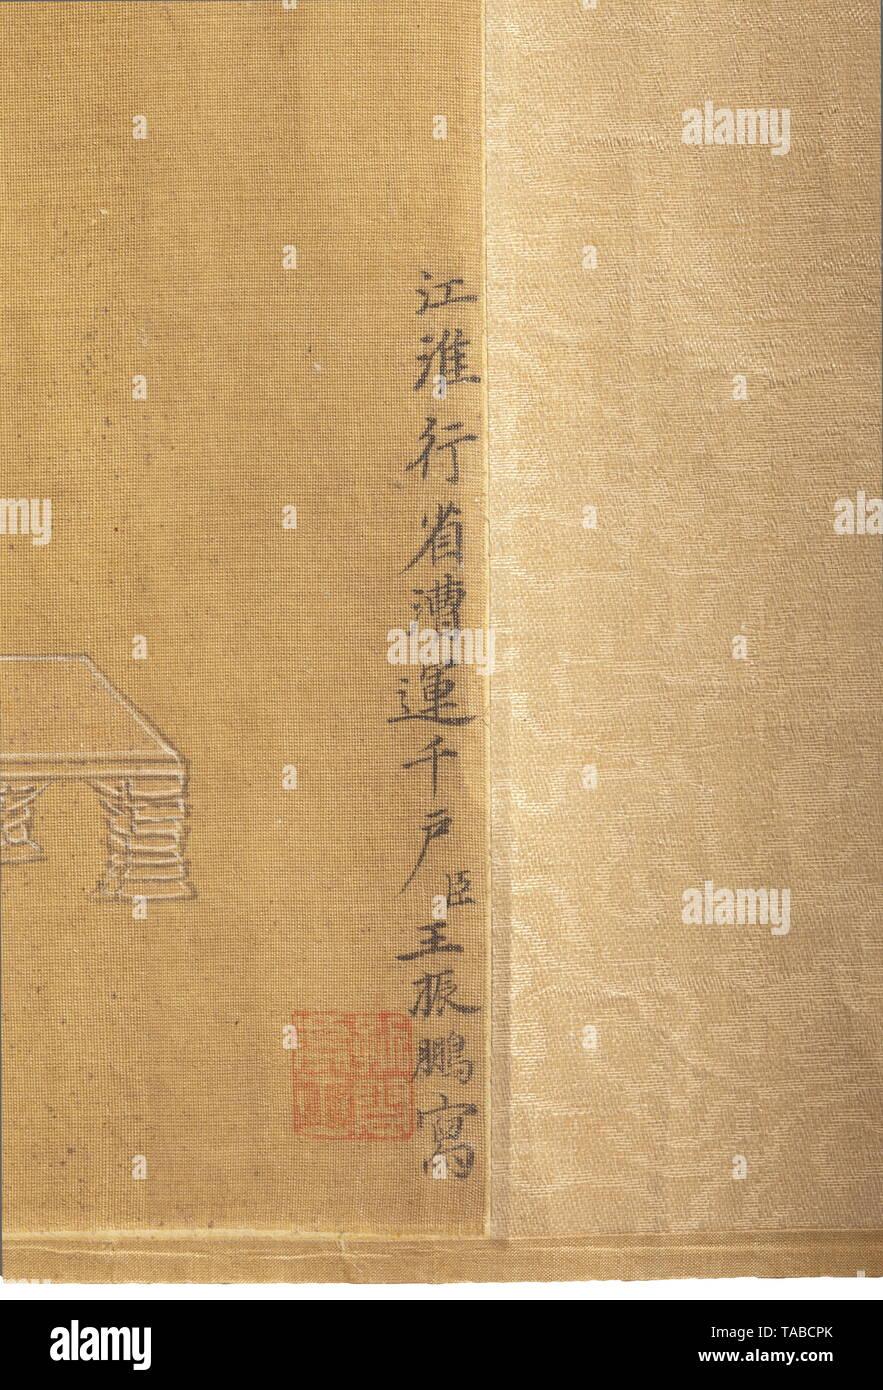 Ein chinesisches Rollbild, wahrscheinlich Yuan Dynastie (?) Detaillierte polychrome multi-gemustert Darstellung von Seide, von der Ernte der Seidenraupenkokons zu Weben der Textilien. Farbenfrohe Malerei auf Seide, verdoppelt auf Papier und mit Kontrast mattes aus Seide Damast eingerichtet, unterzeichnet 'Wang Zhenpeng'. Maße 640 cm x 30 cm. In einem hölzernen schützende Halter mit Schiebedeckel. historischen, geschichtlichen, China, Chinesisch, Additional-Rights - Clearance-Info - Not-Available Stockbild